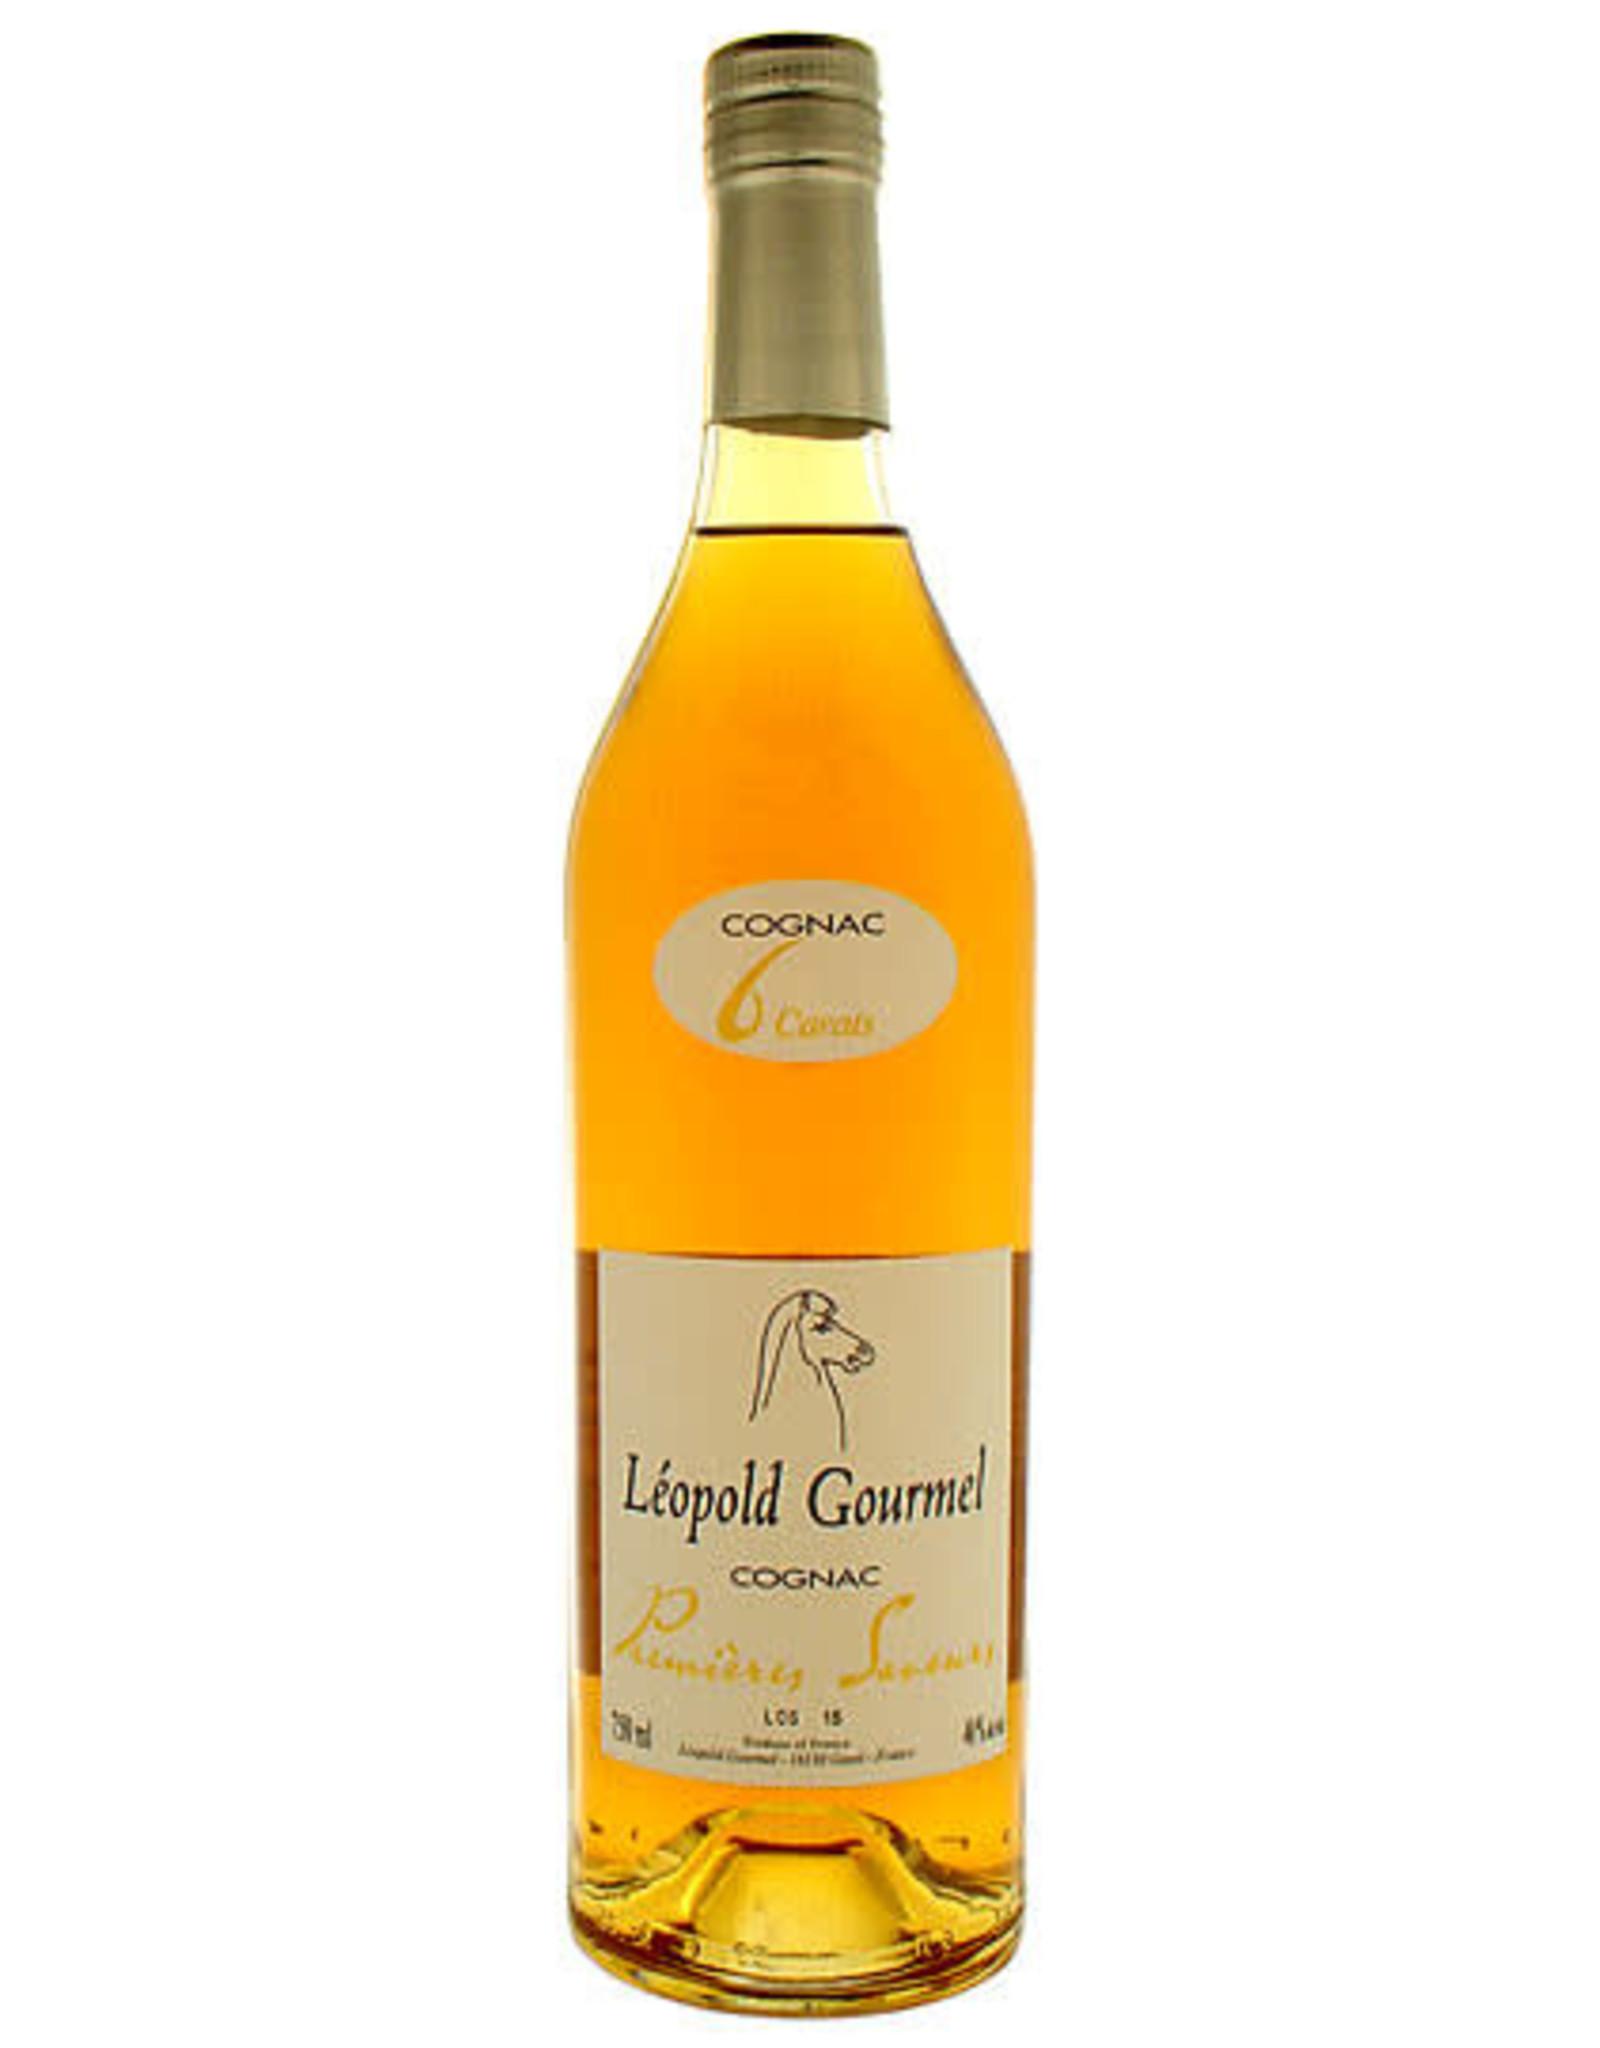 LEOPOLD GOURMEL PREMIERES SAVEURS COGNAC 750ml